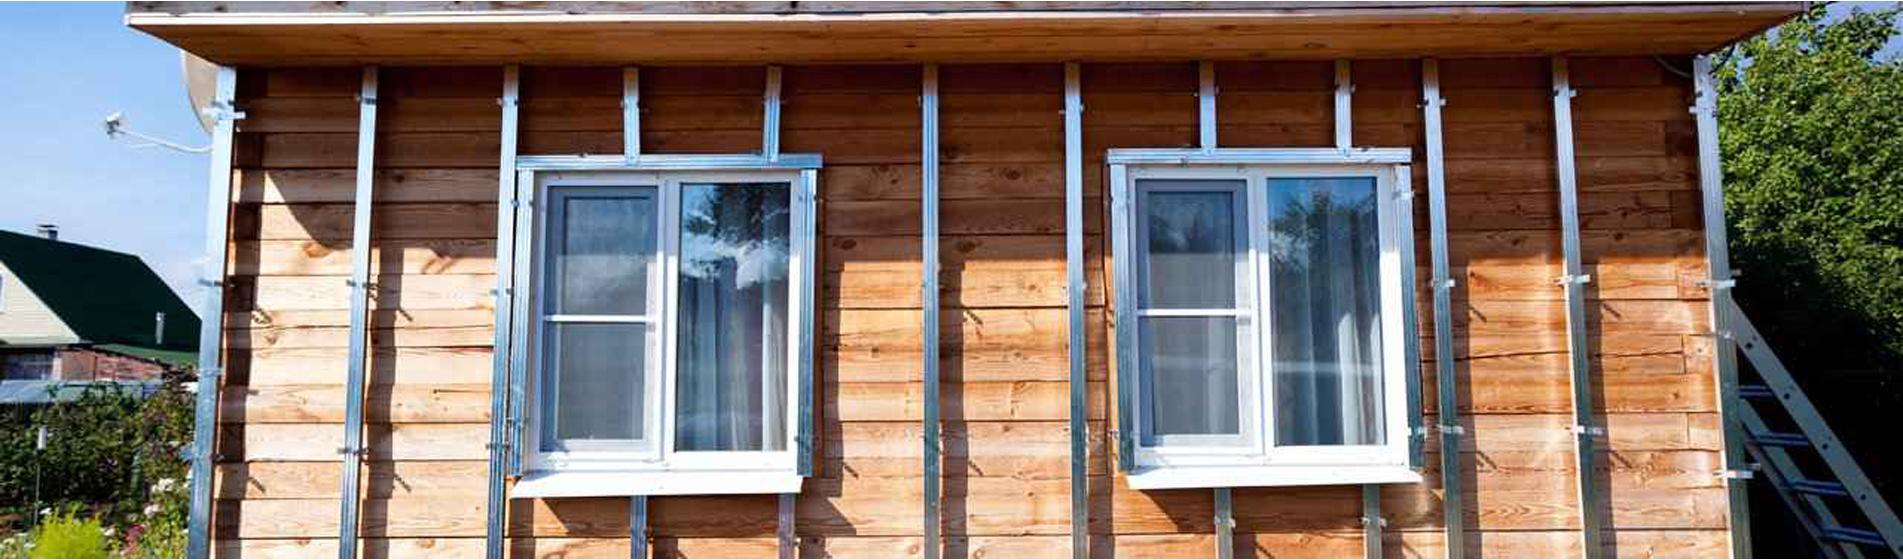 installer fenêtre pvc sur-mesure 13 Bouches-du-Rhône